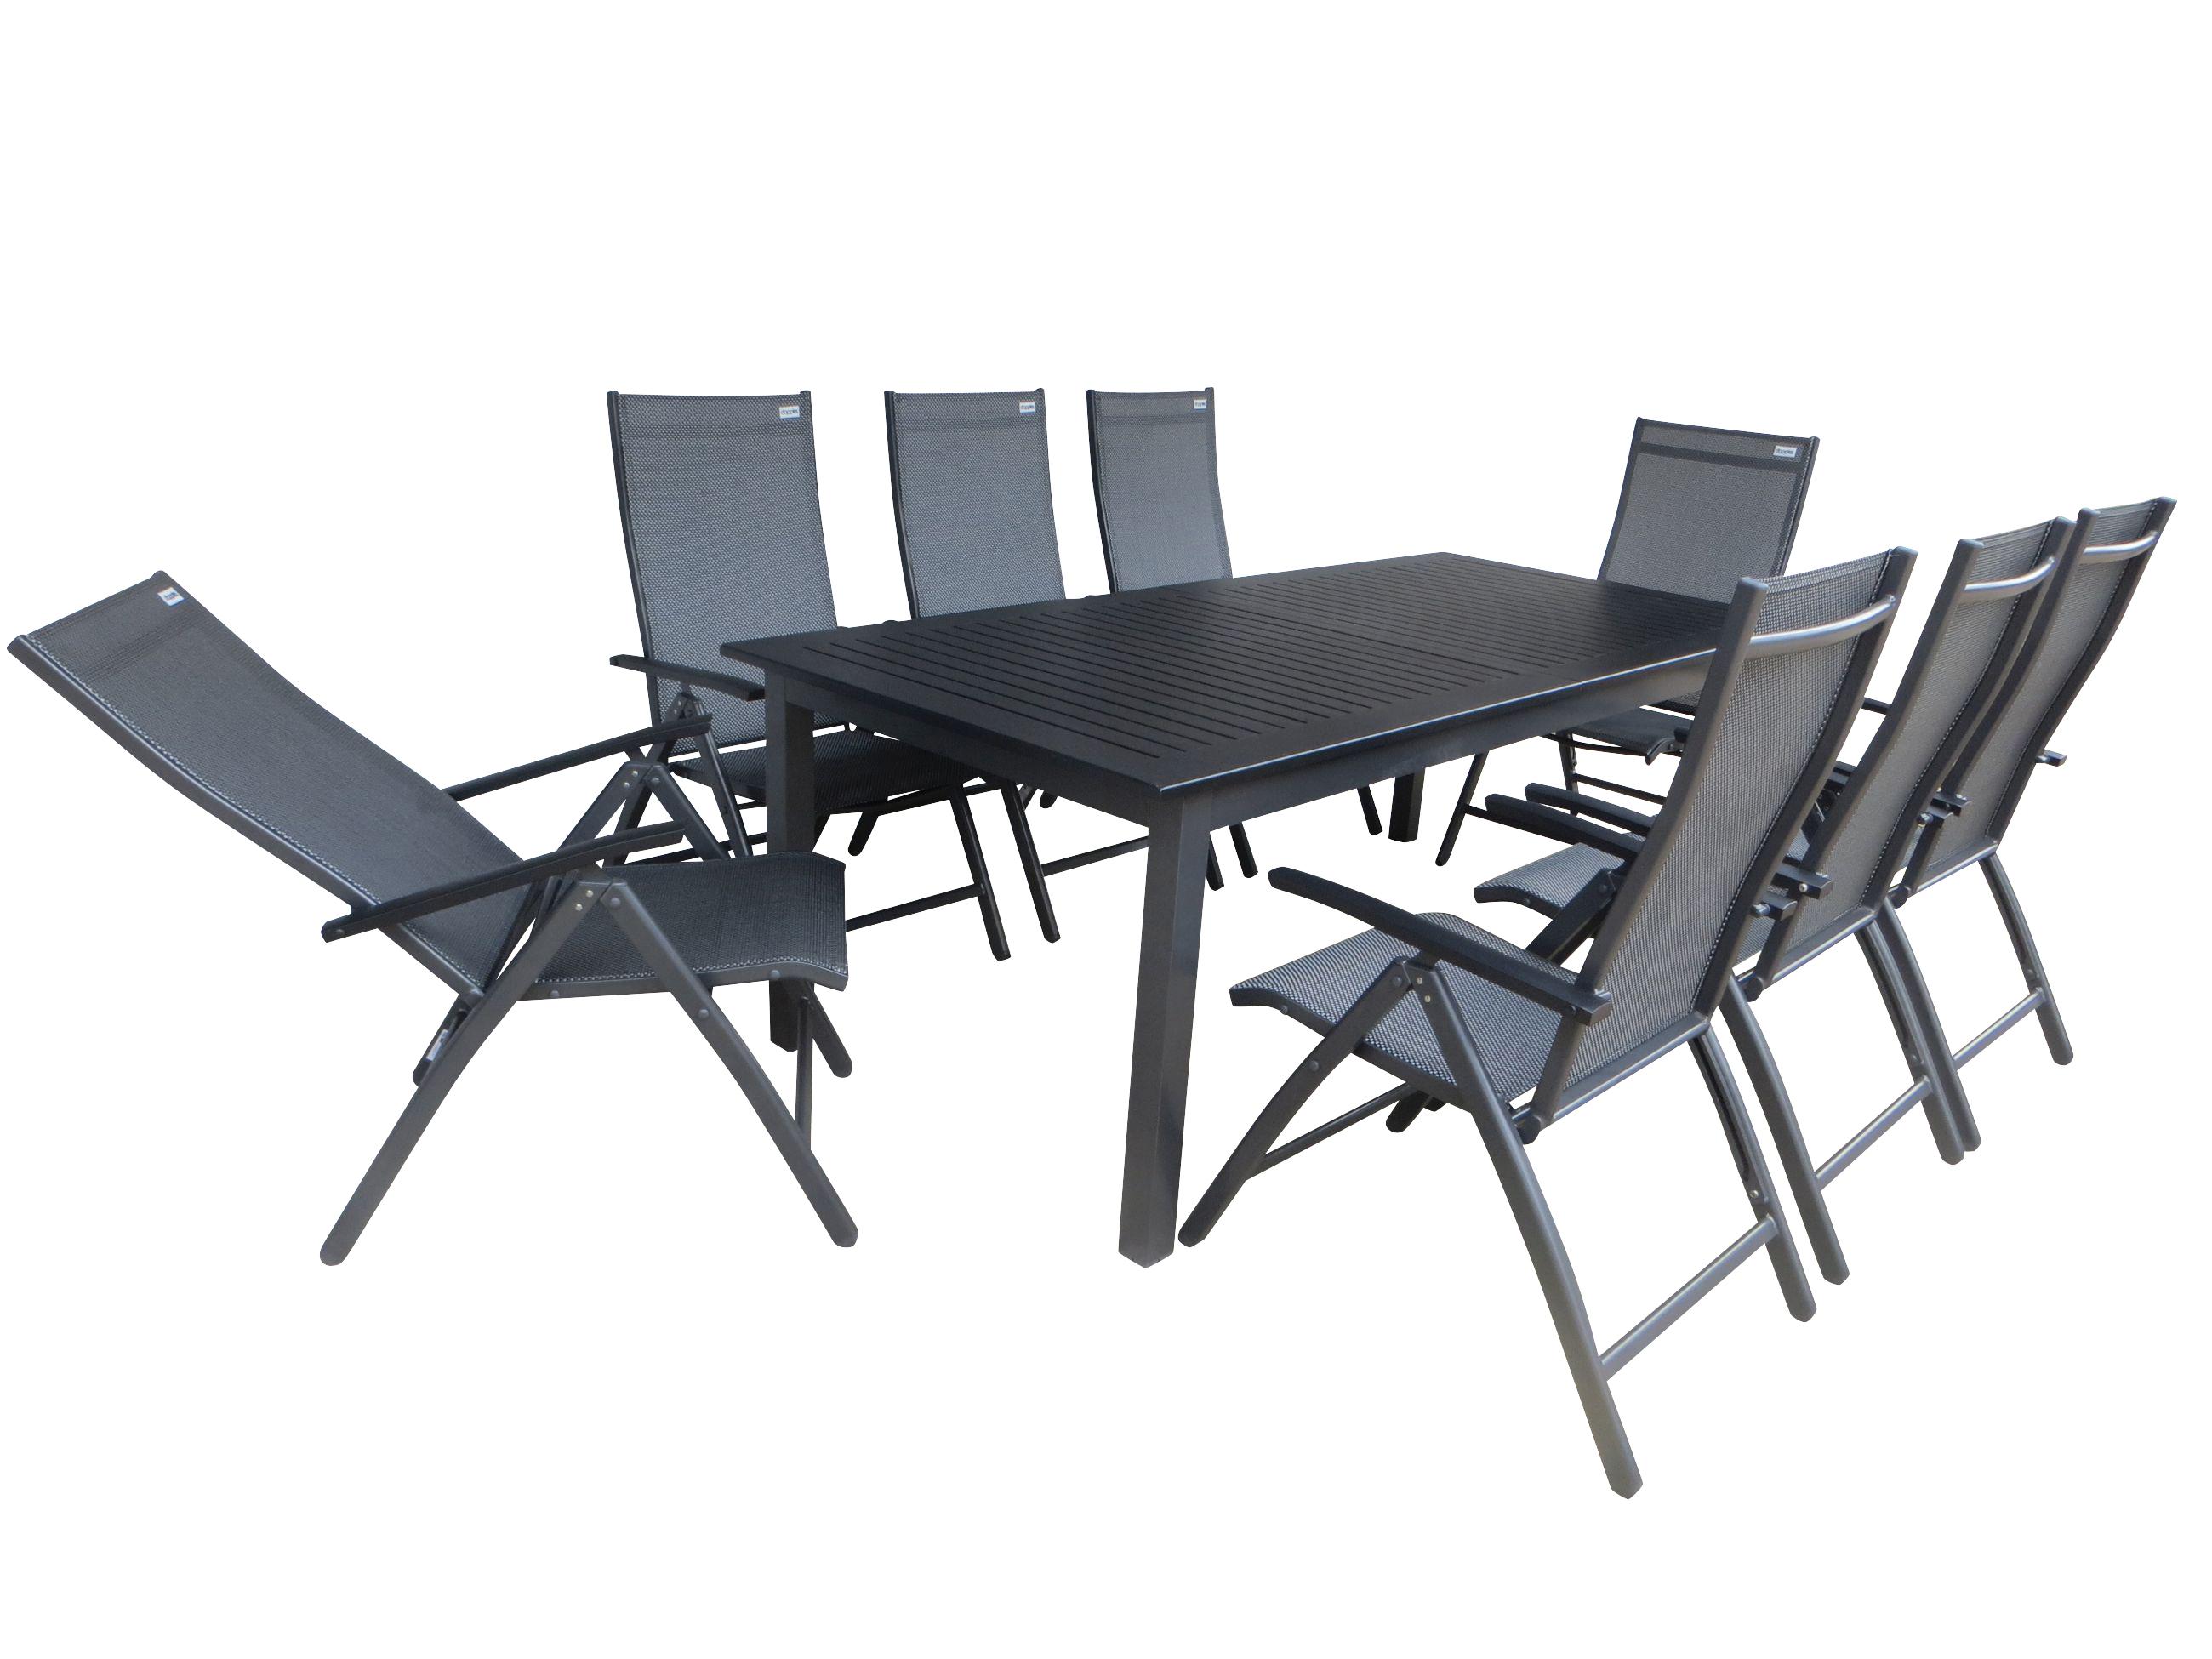 jaipur alu gartenm bel set sitzgarnitur 11tlg anthrazit. Black Bedroom Furniture Sets. Home Design Ideas